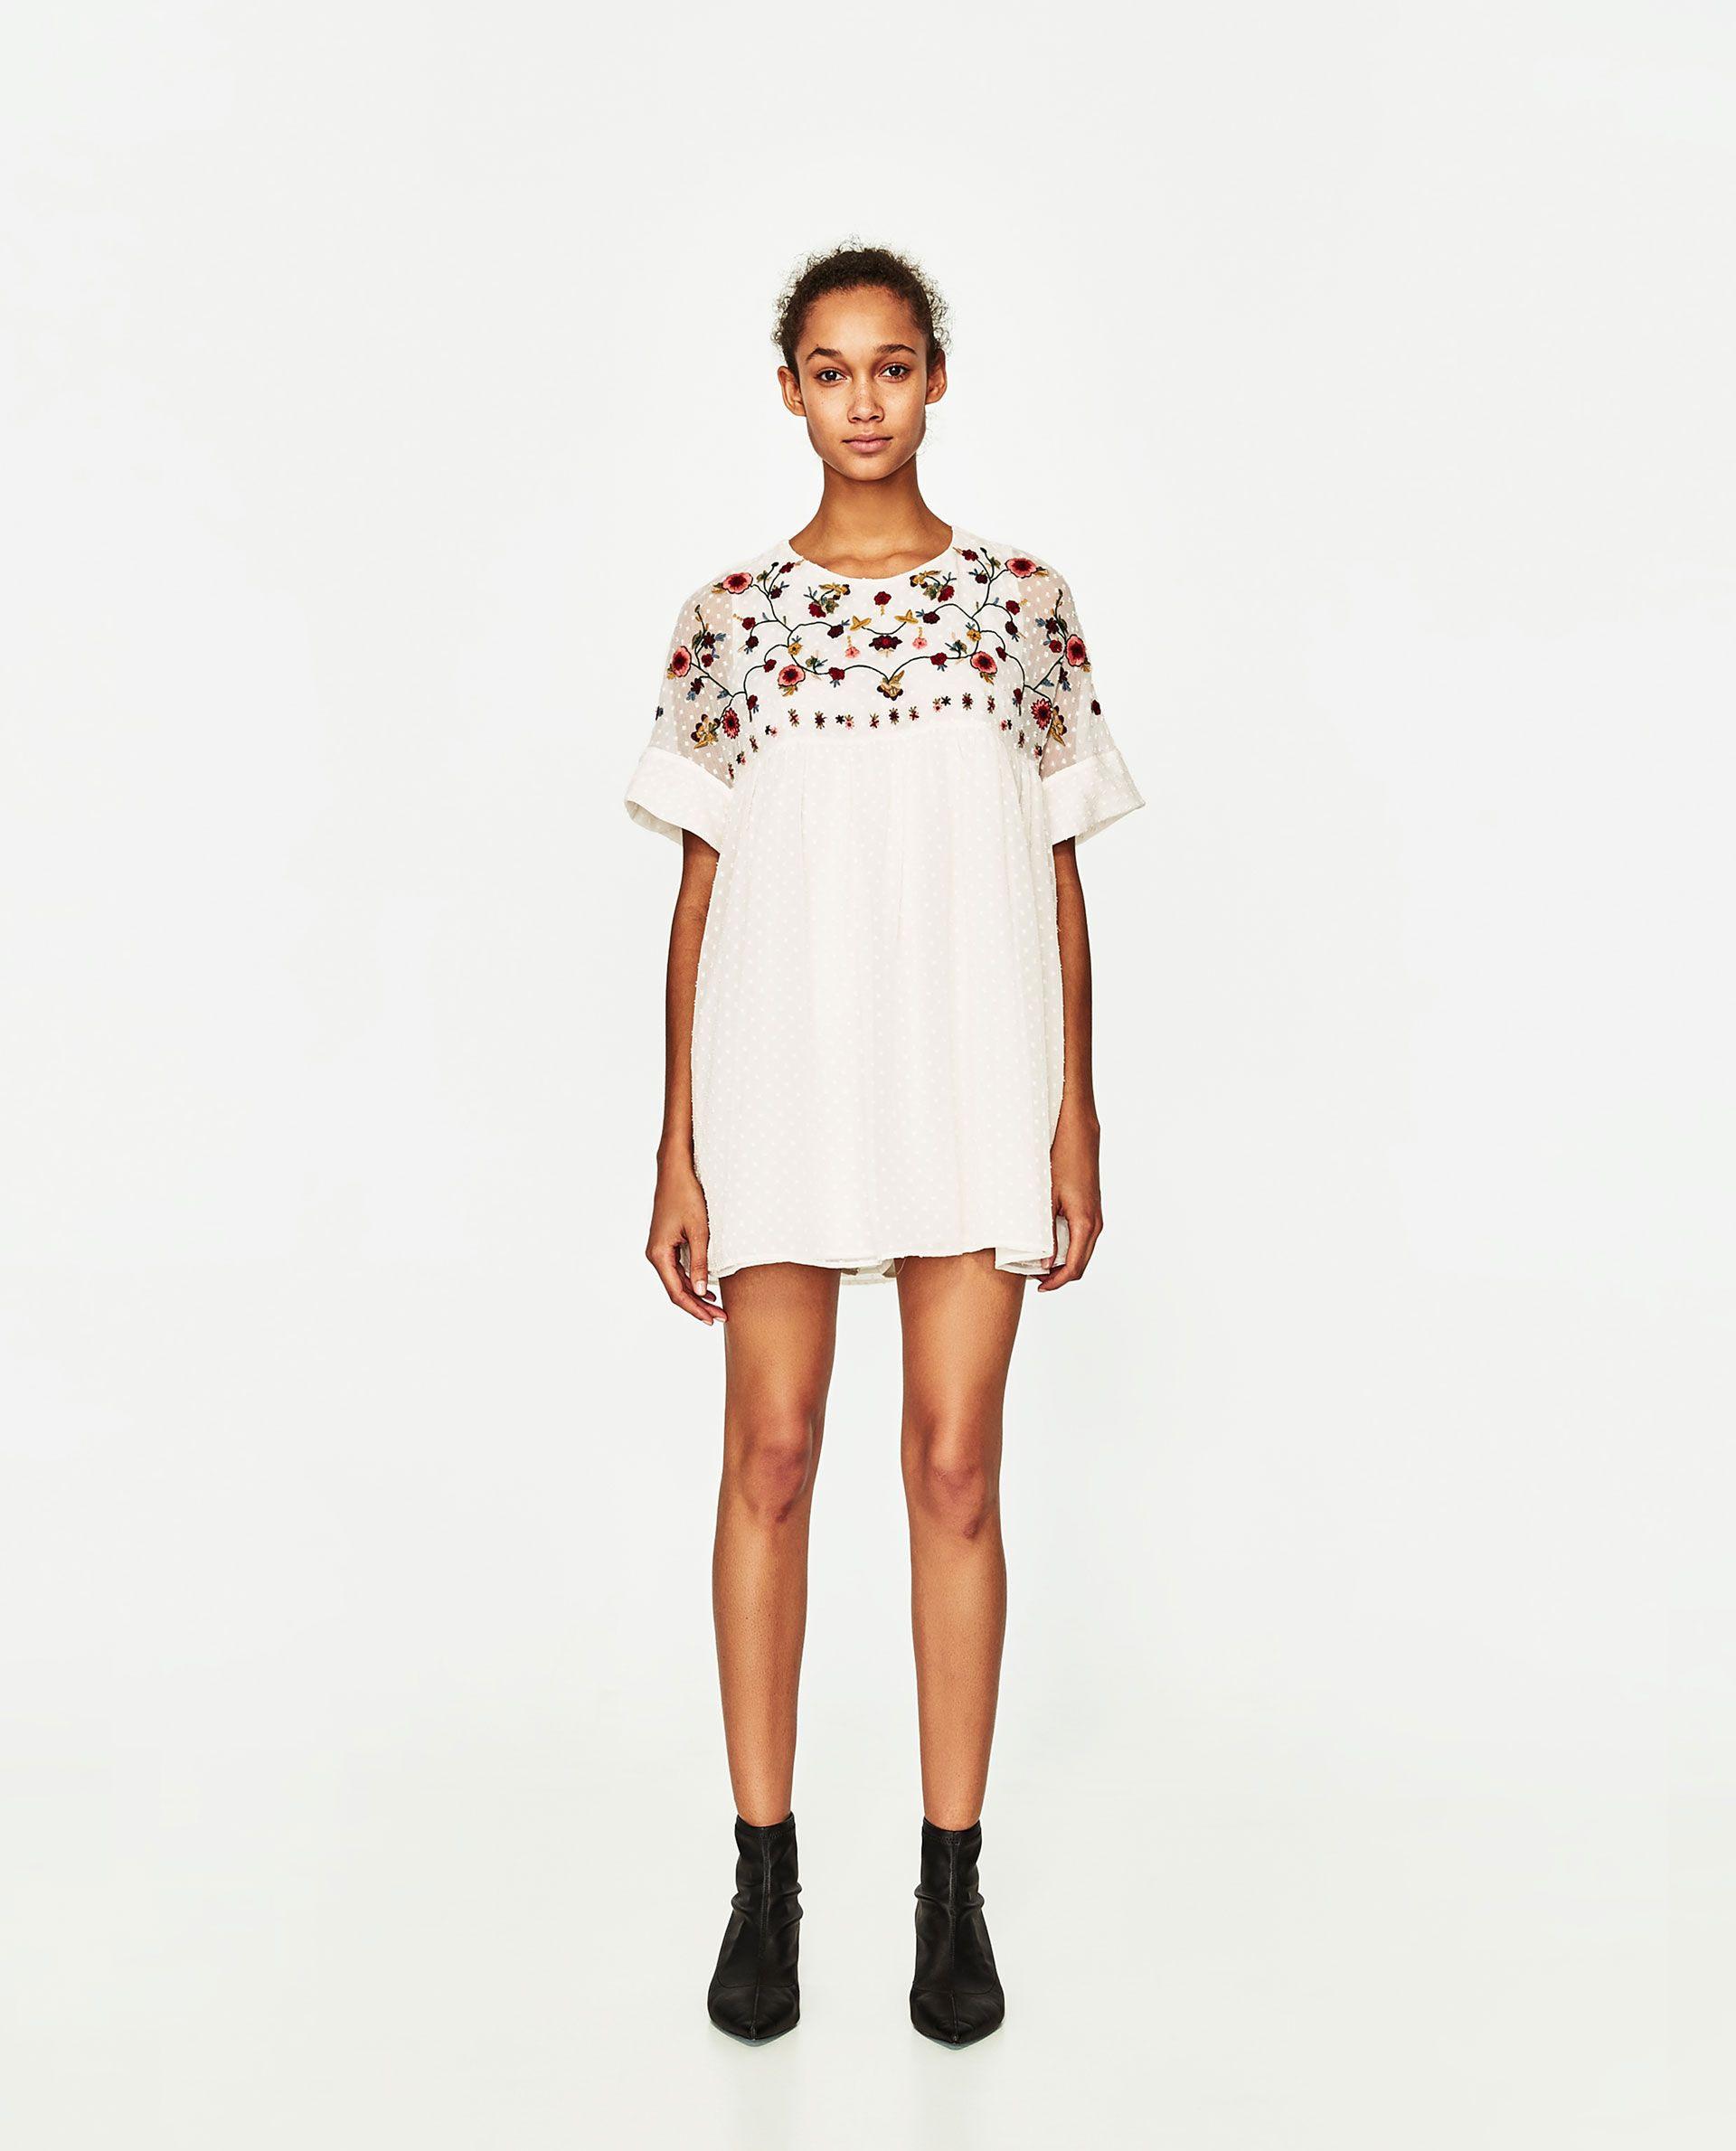 20 Wunderbar Abendkleider Zara Boutique15 Leicht Abendkleider Zara Galerie